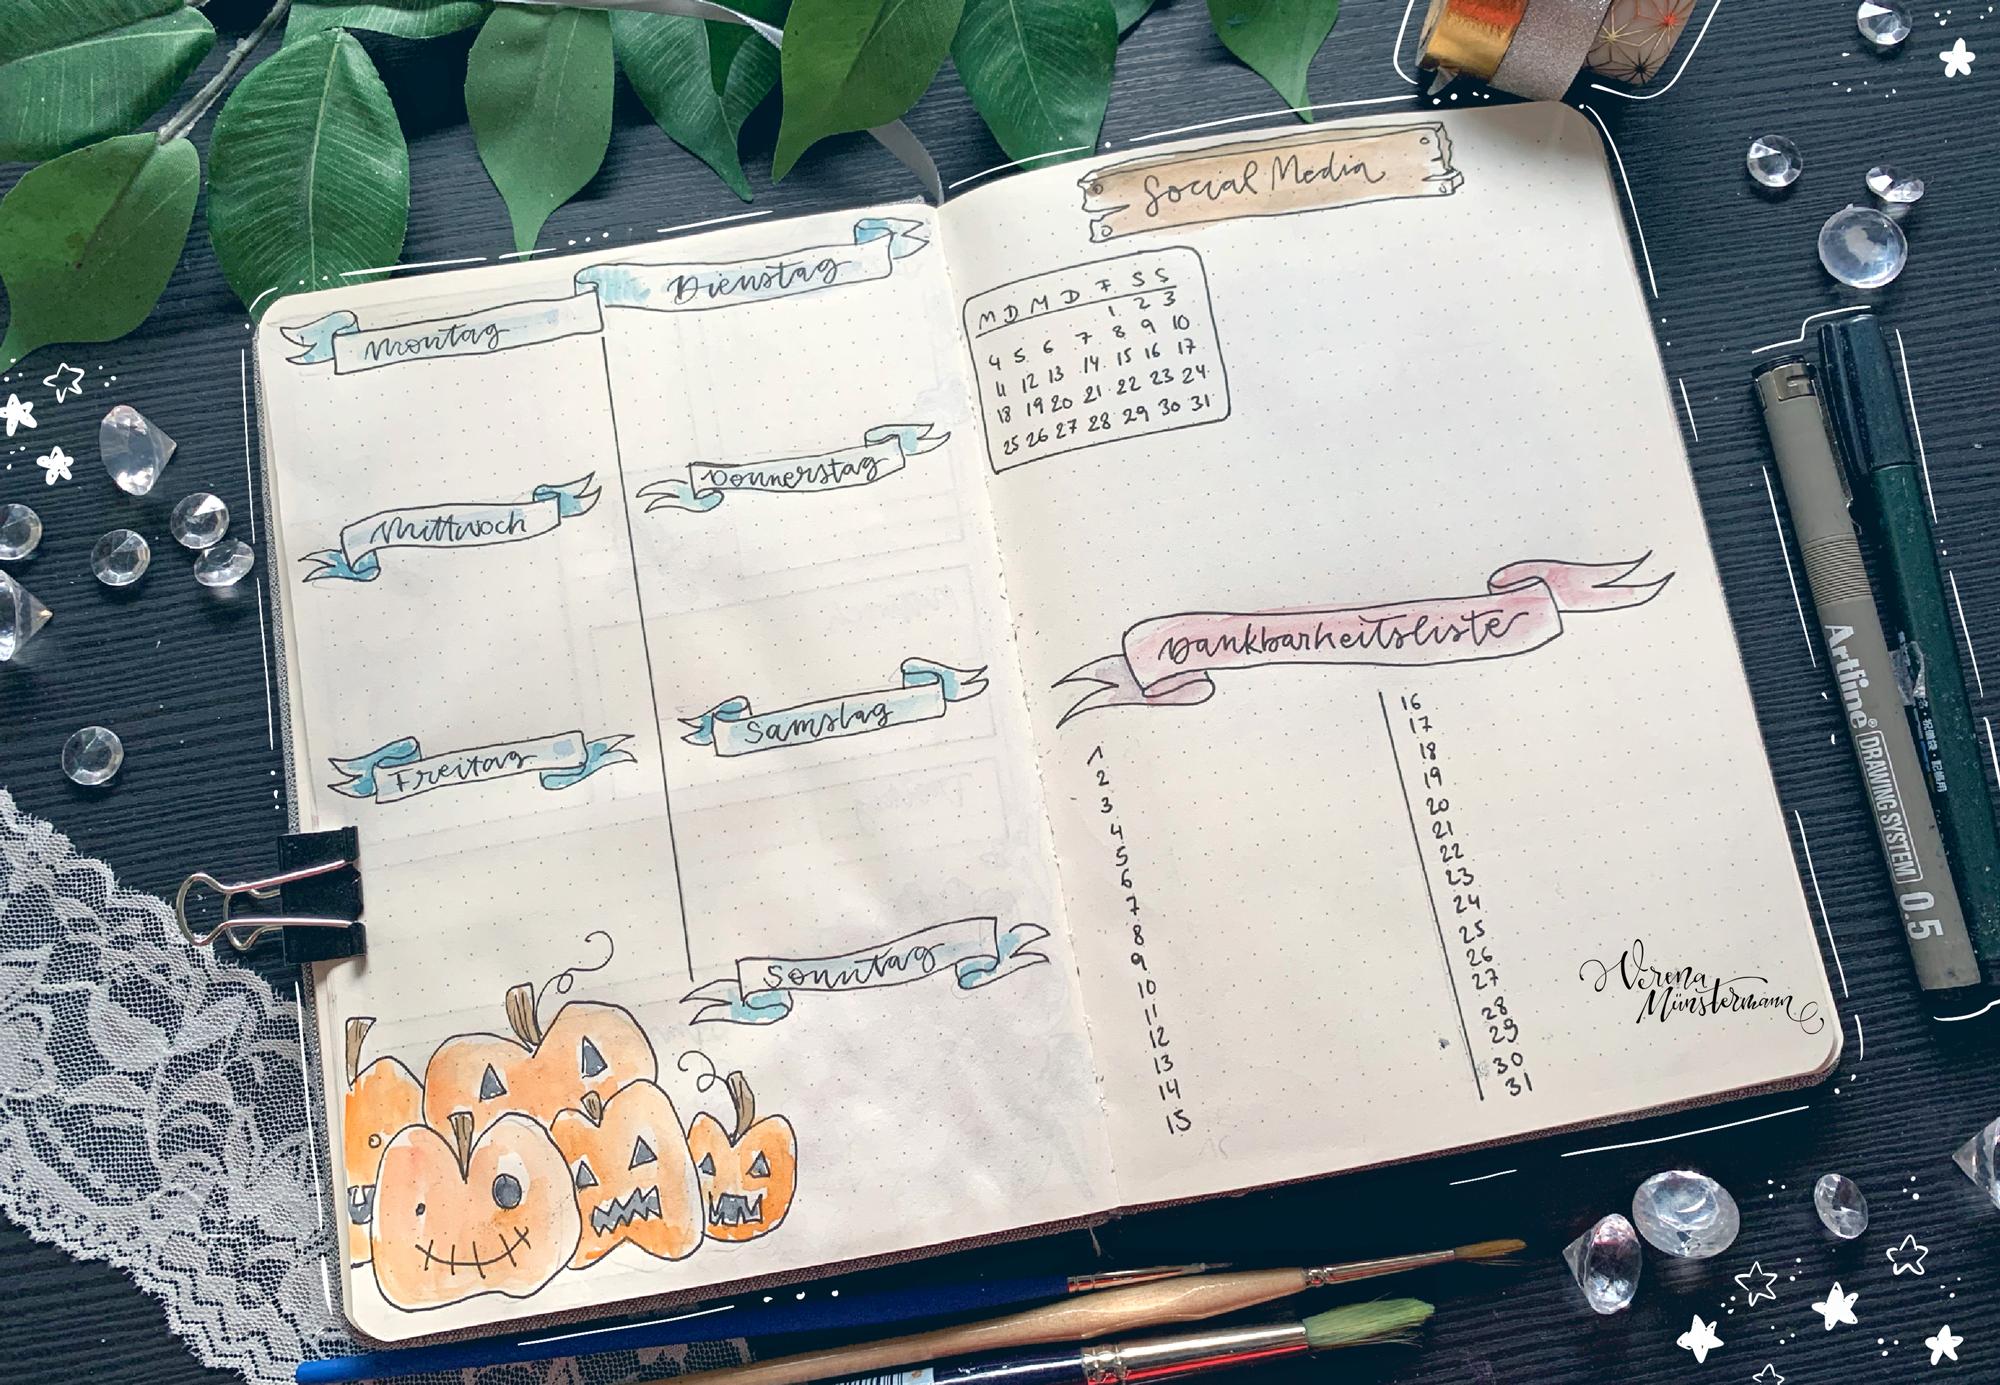 verenamuenstermann - Journal - Dankbarkeitsliste - Oktober